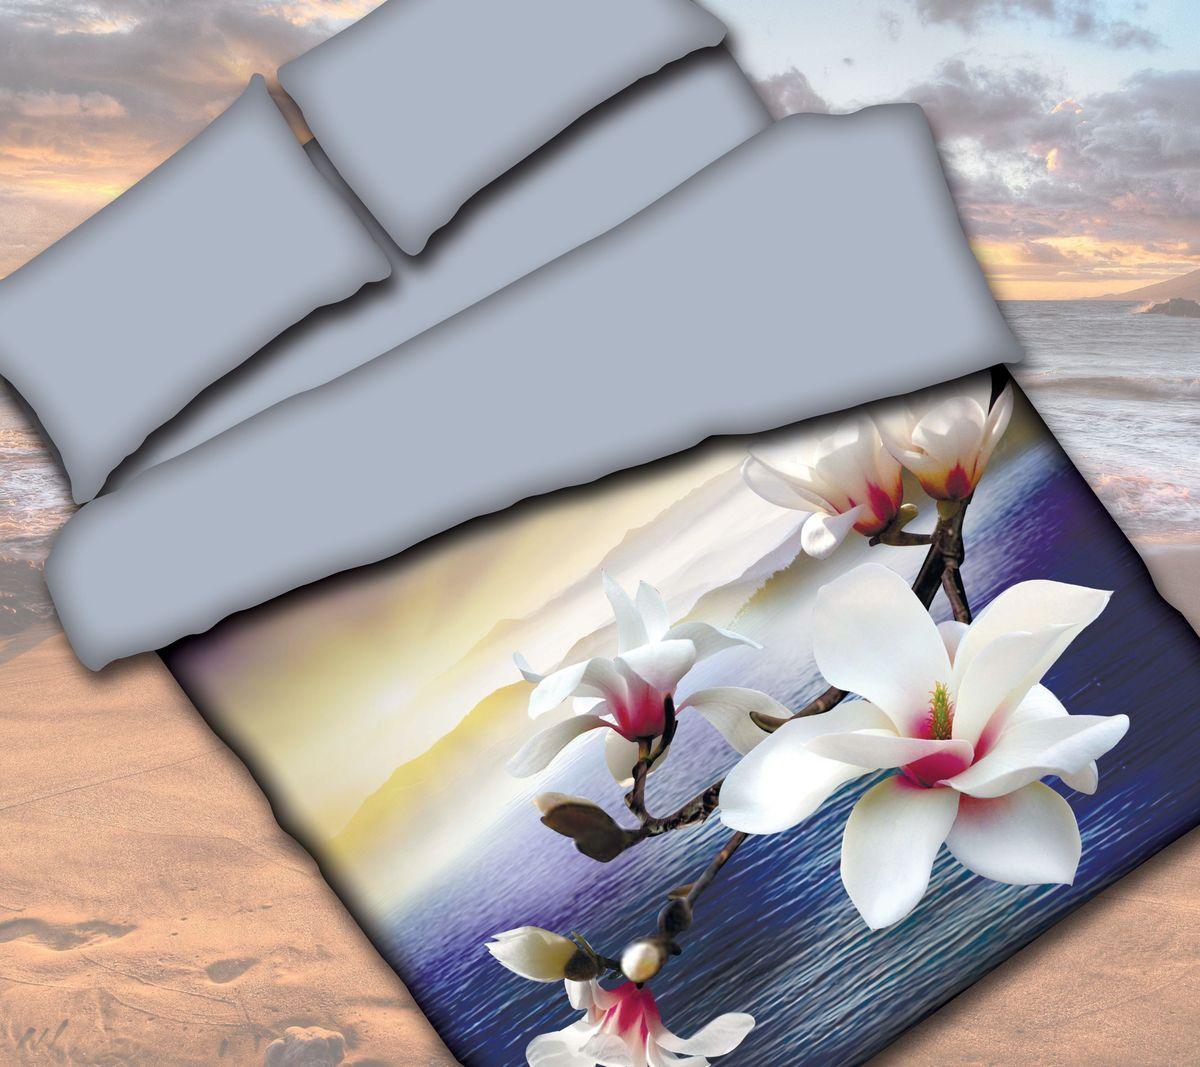 Комплект белья Коллекция Орхидея, 1,5-спальный, наволочки 50x70. СРП1,5/50/ОЗ/орхСРП1,5/50/ОЗ/орх